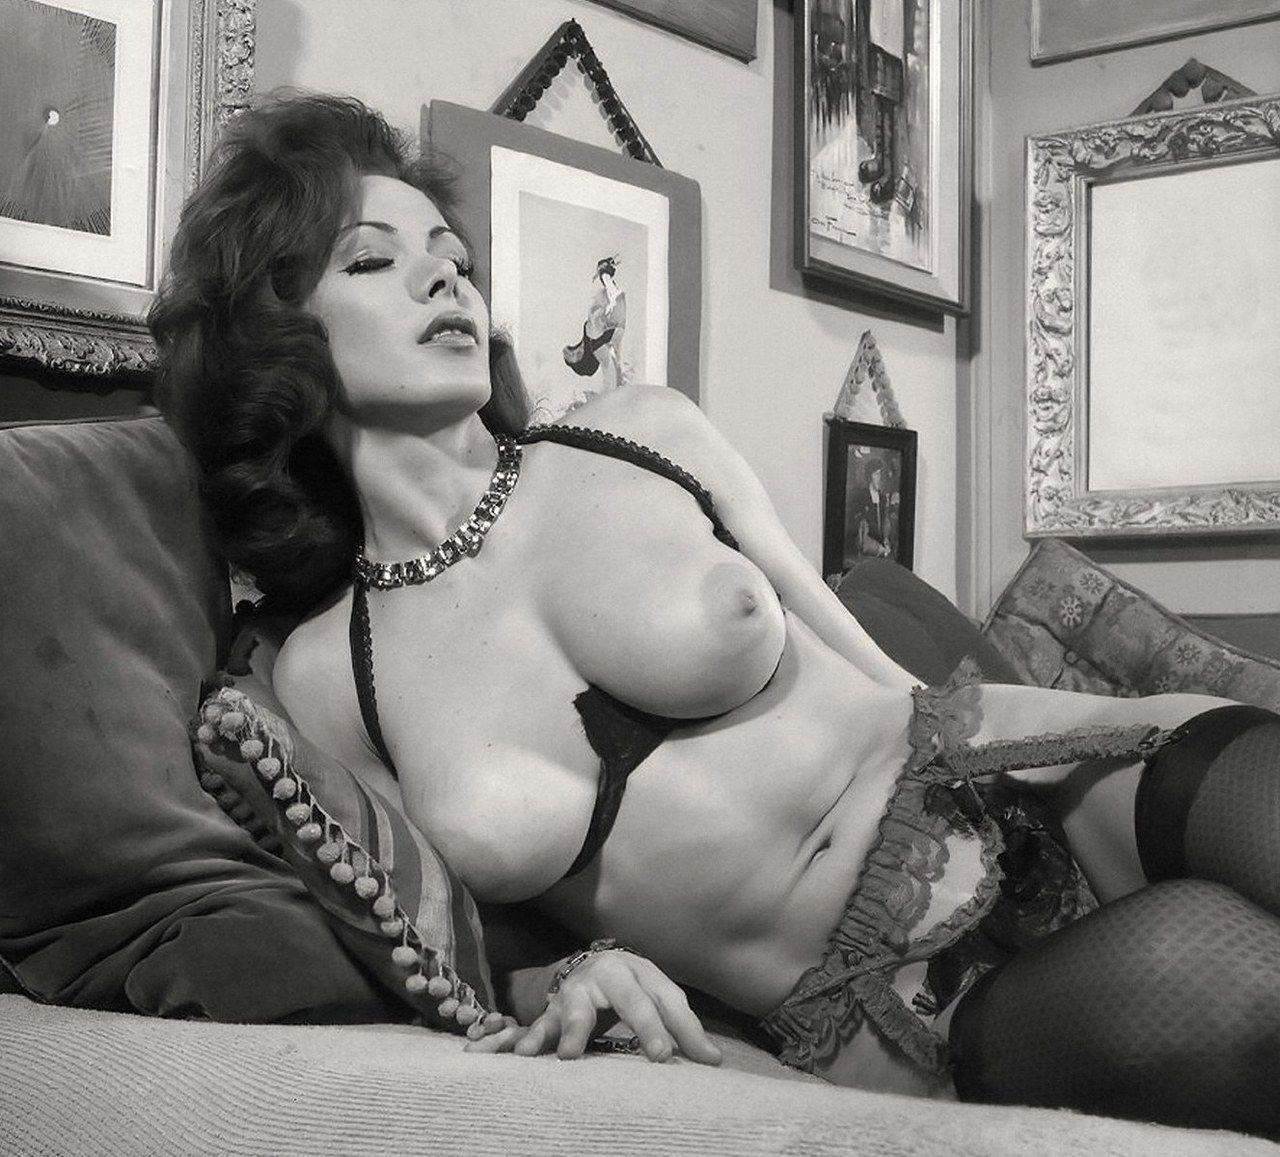 patricia barrington | cultqueens: pat barrington. - retro nude